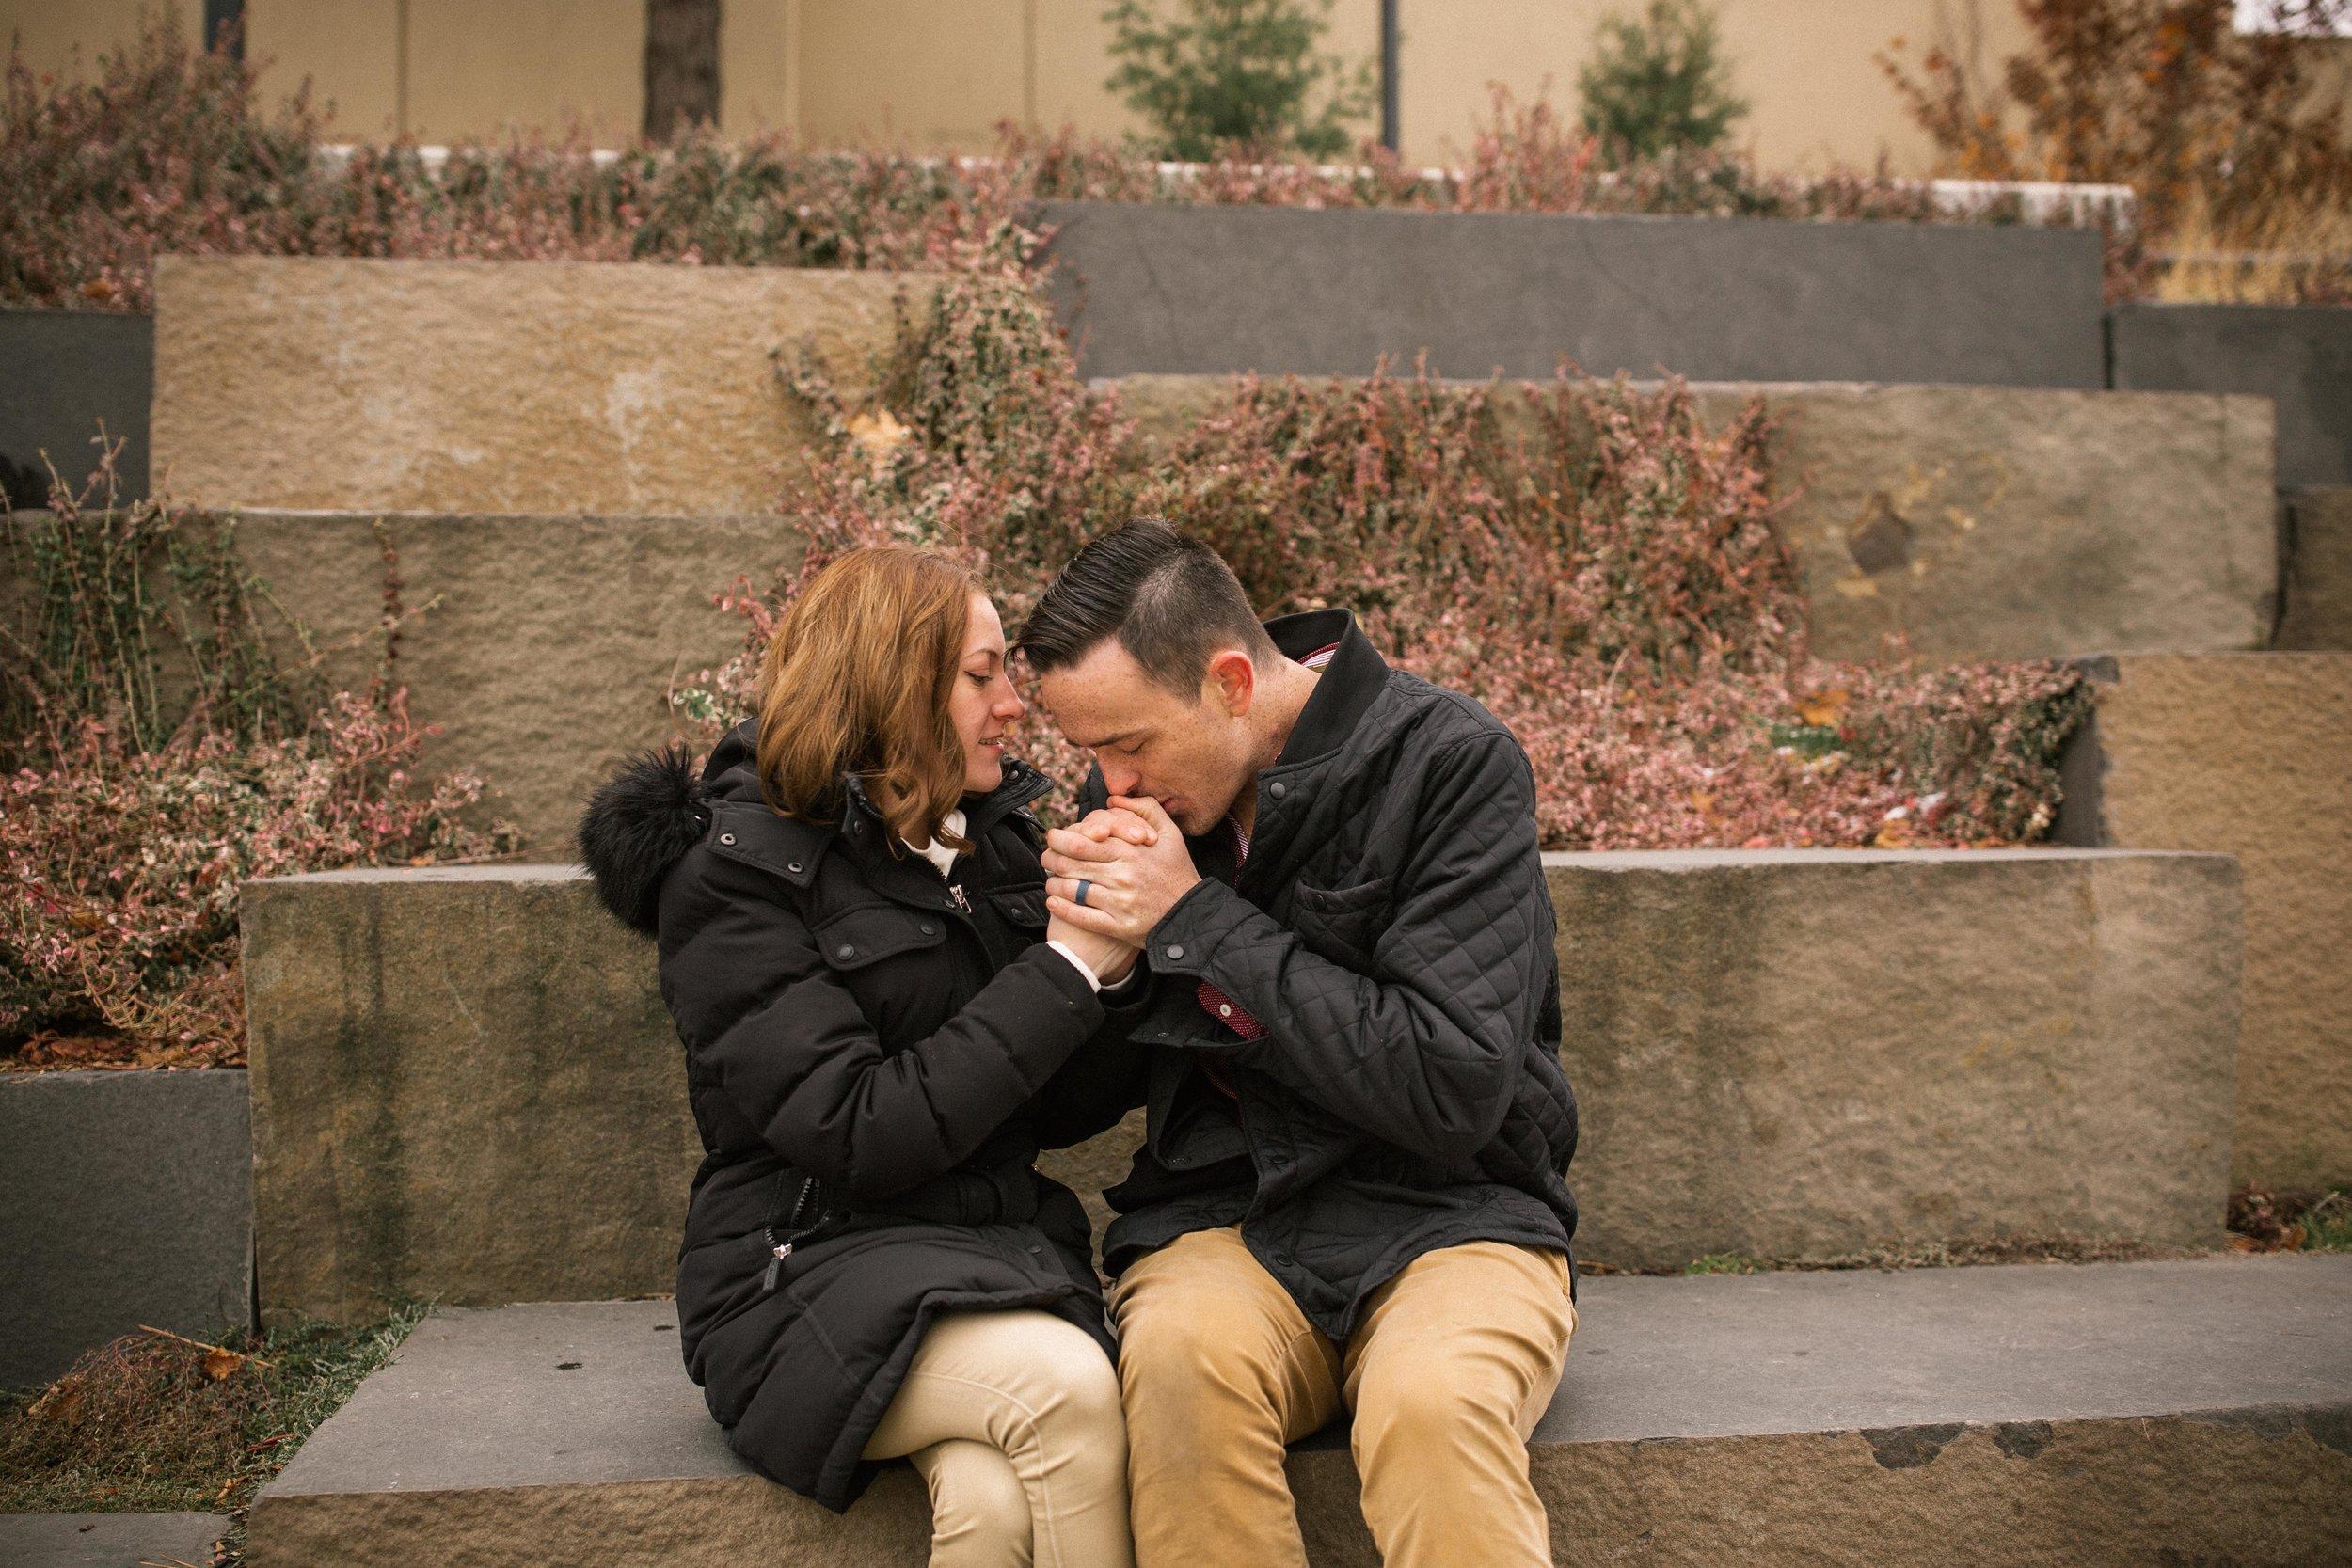 Izzy&Jacob-Engaged!BLOG-29.jpg